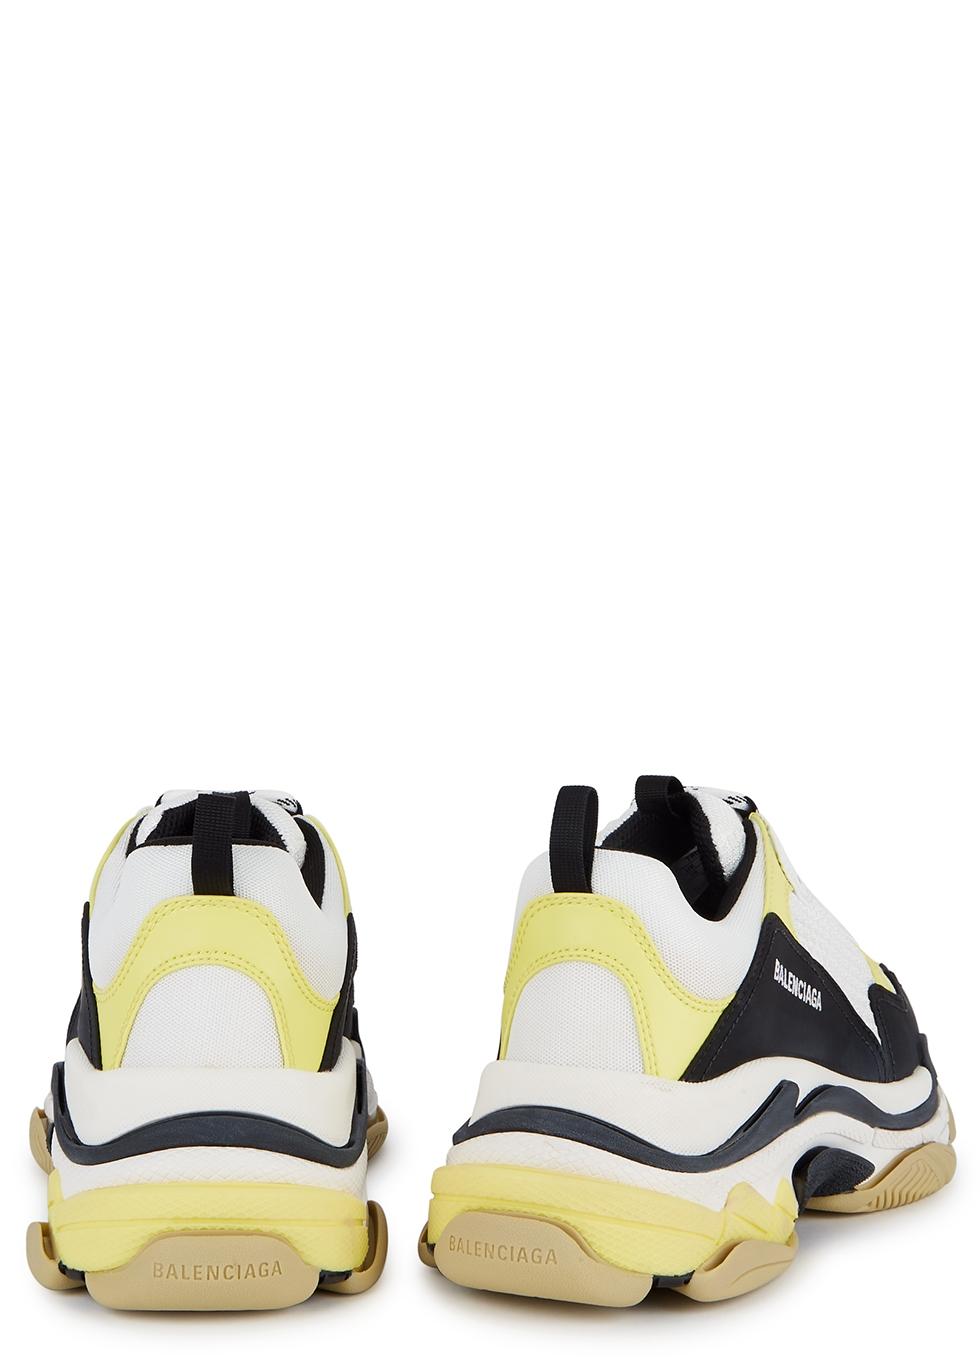 Balenciaga Shoes Triple S Suede Noir Bordeaux Poshmark